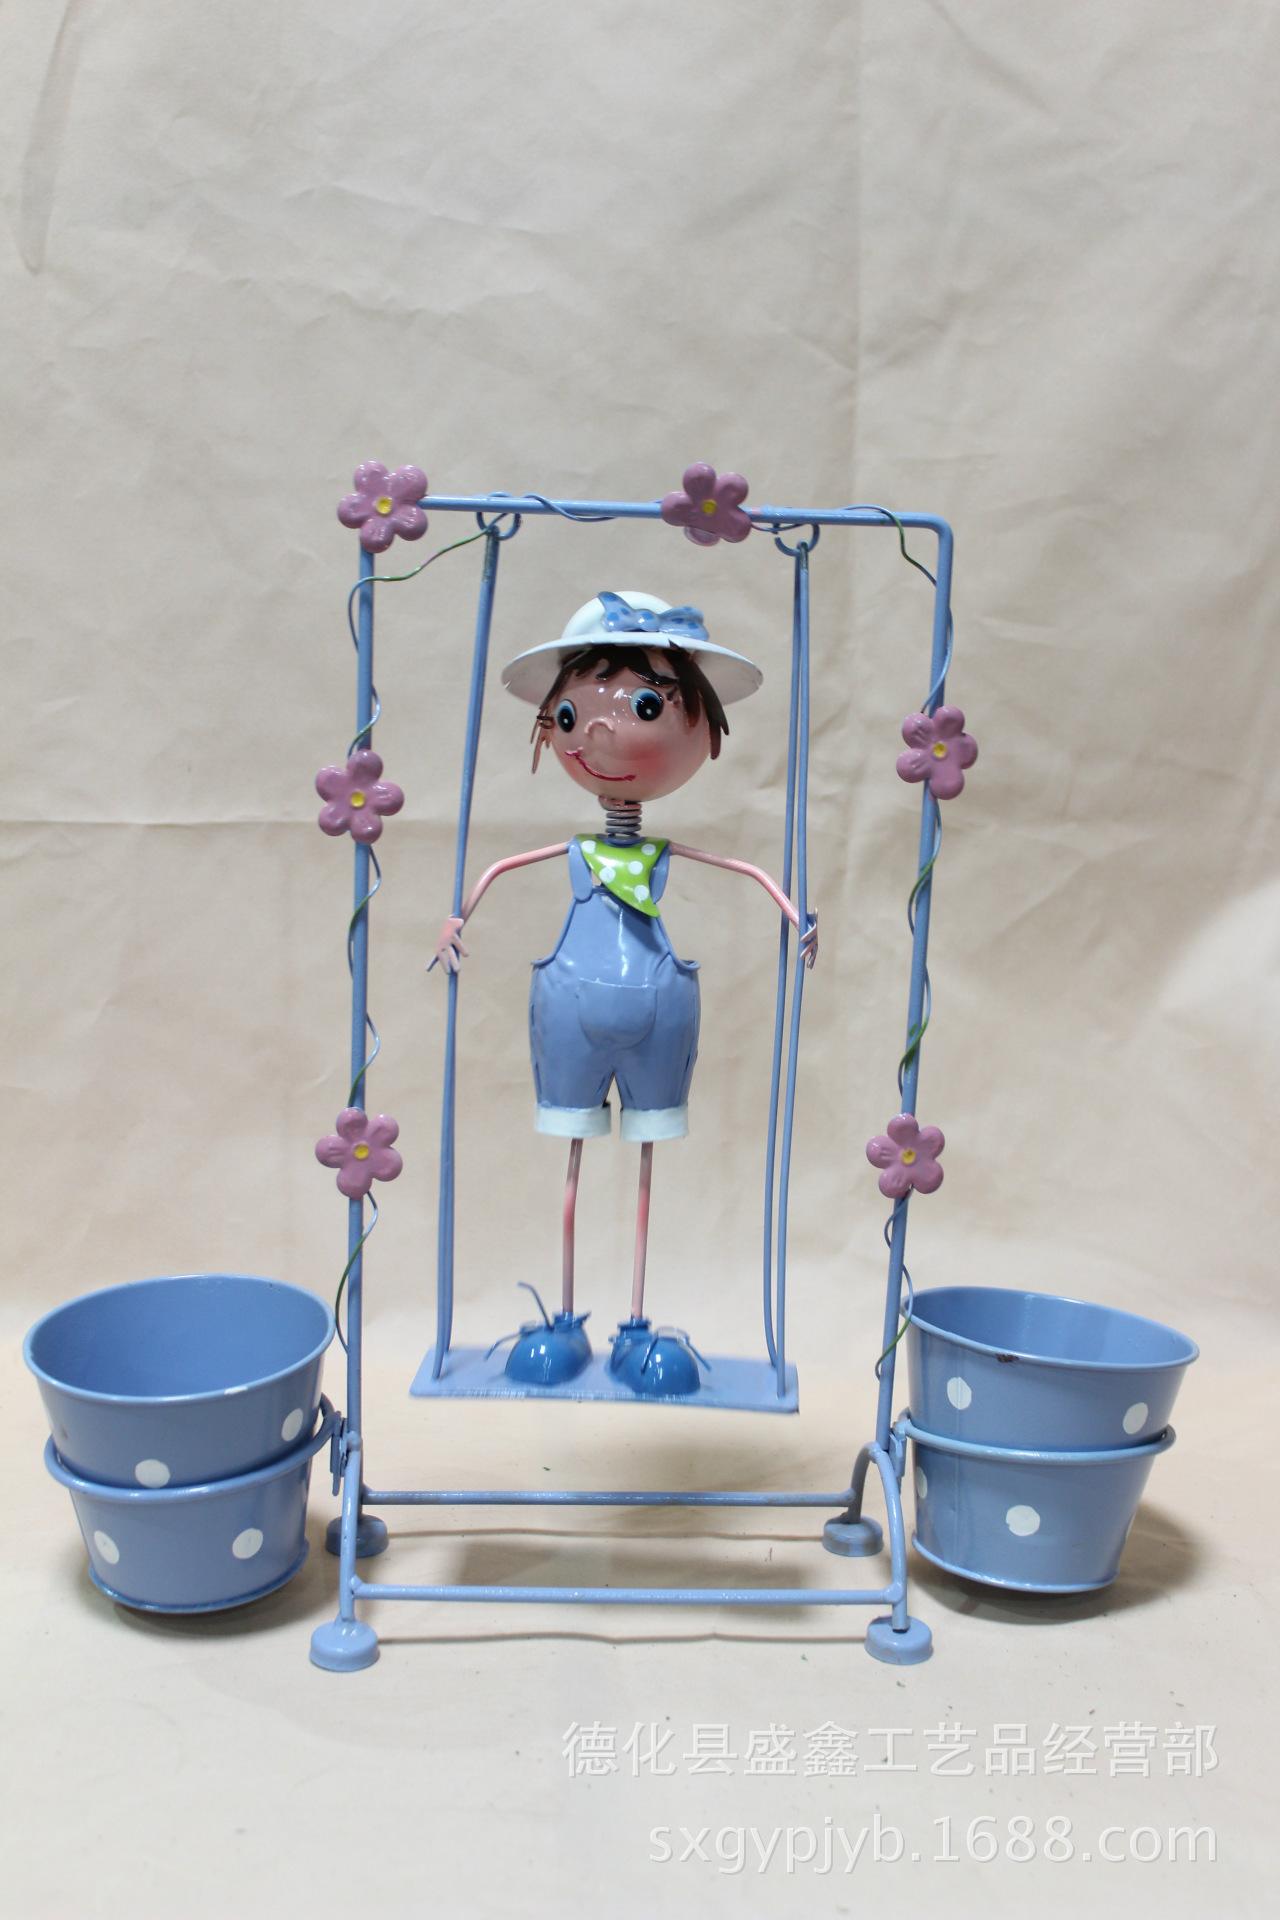 鐵藝工藝品 蕩秋千創意鐵皮娃娃 插花花盆 居家裝飾擺件